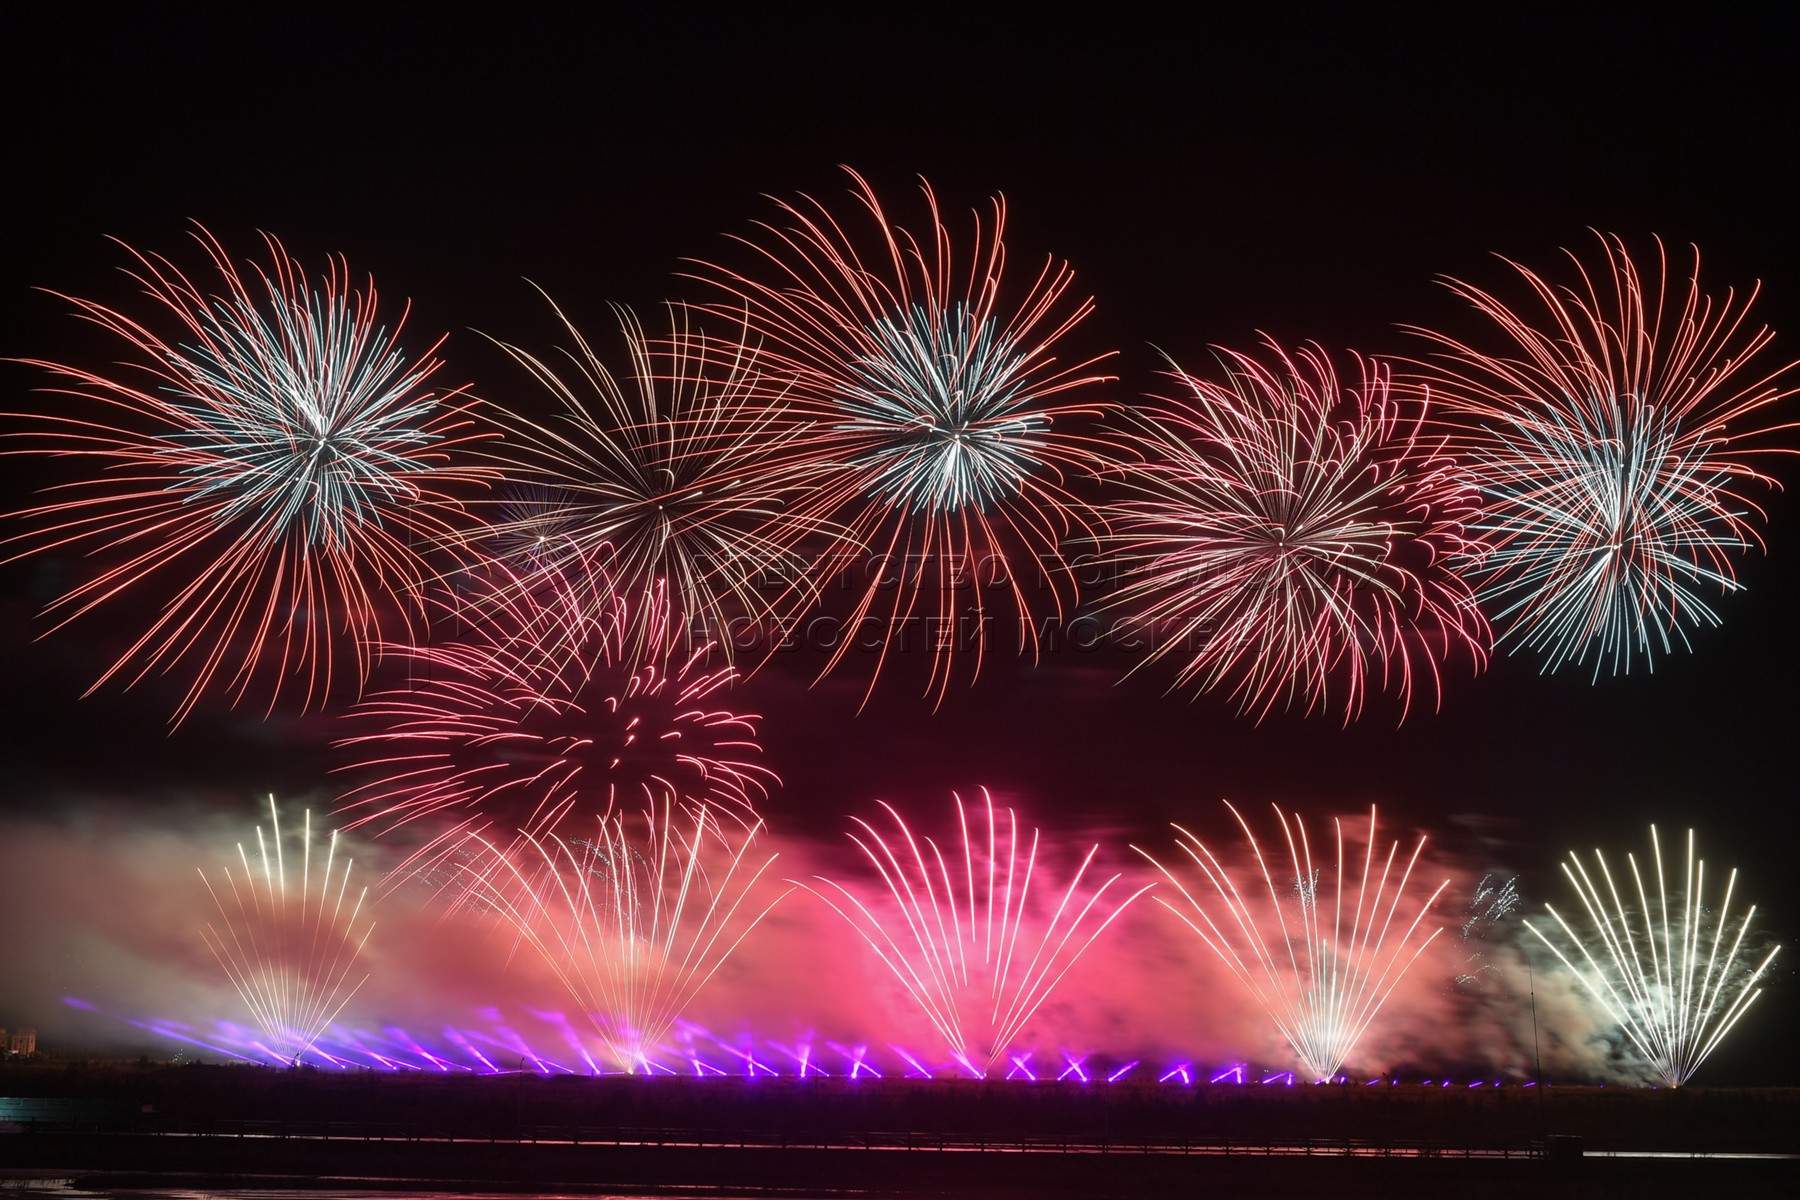 Фестиваль фейерверков «Ростех» в Московской области, прошедший в формате онлайн-шоу.